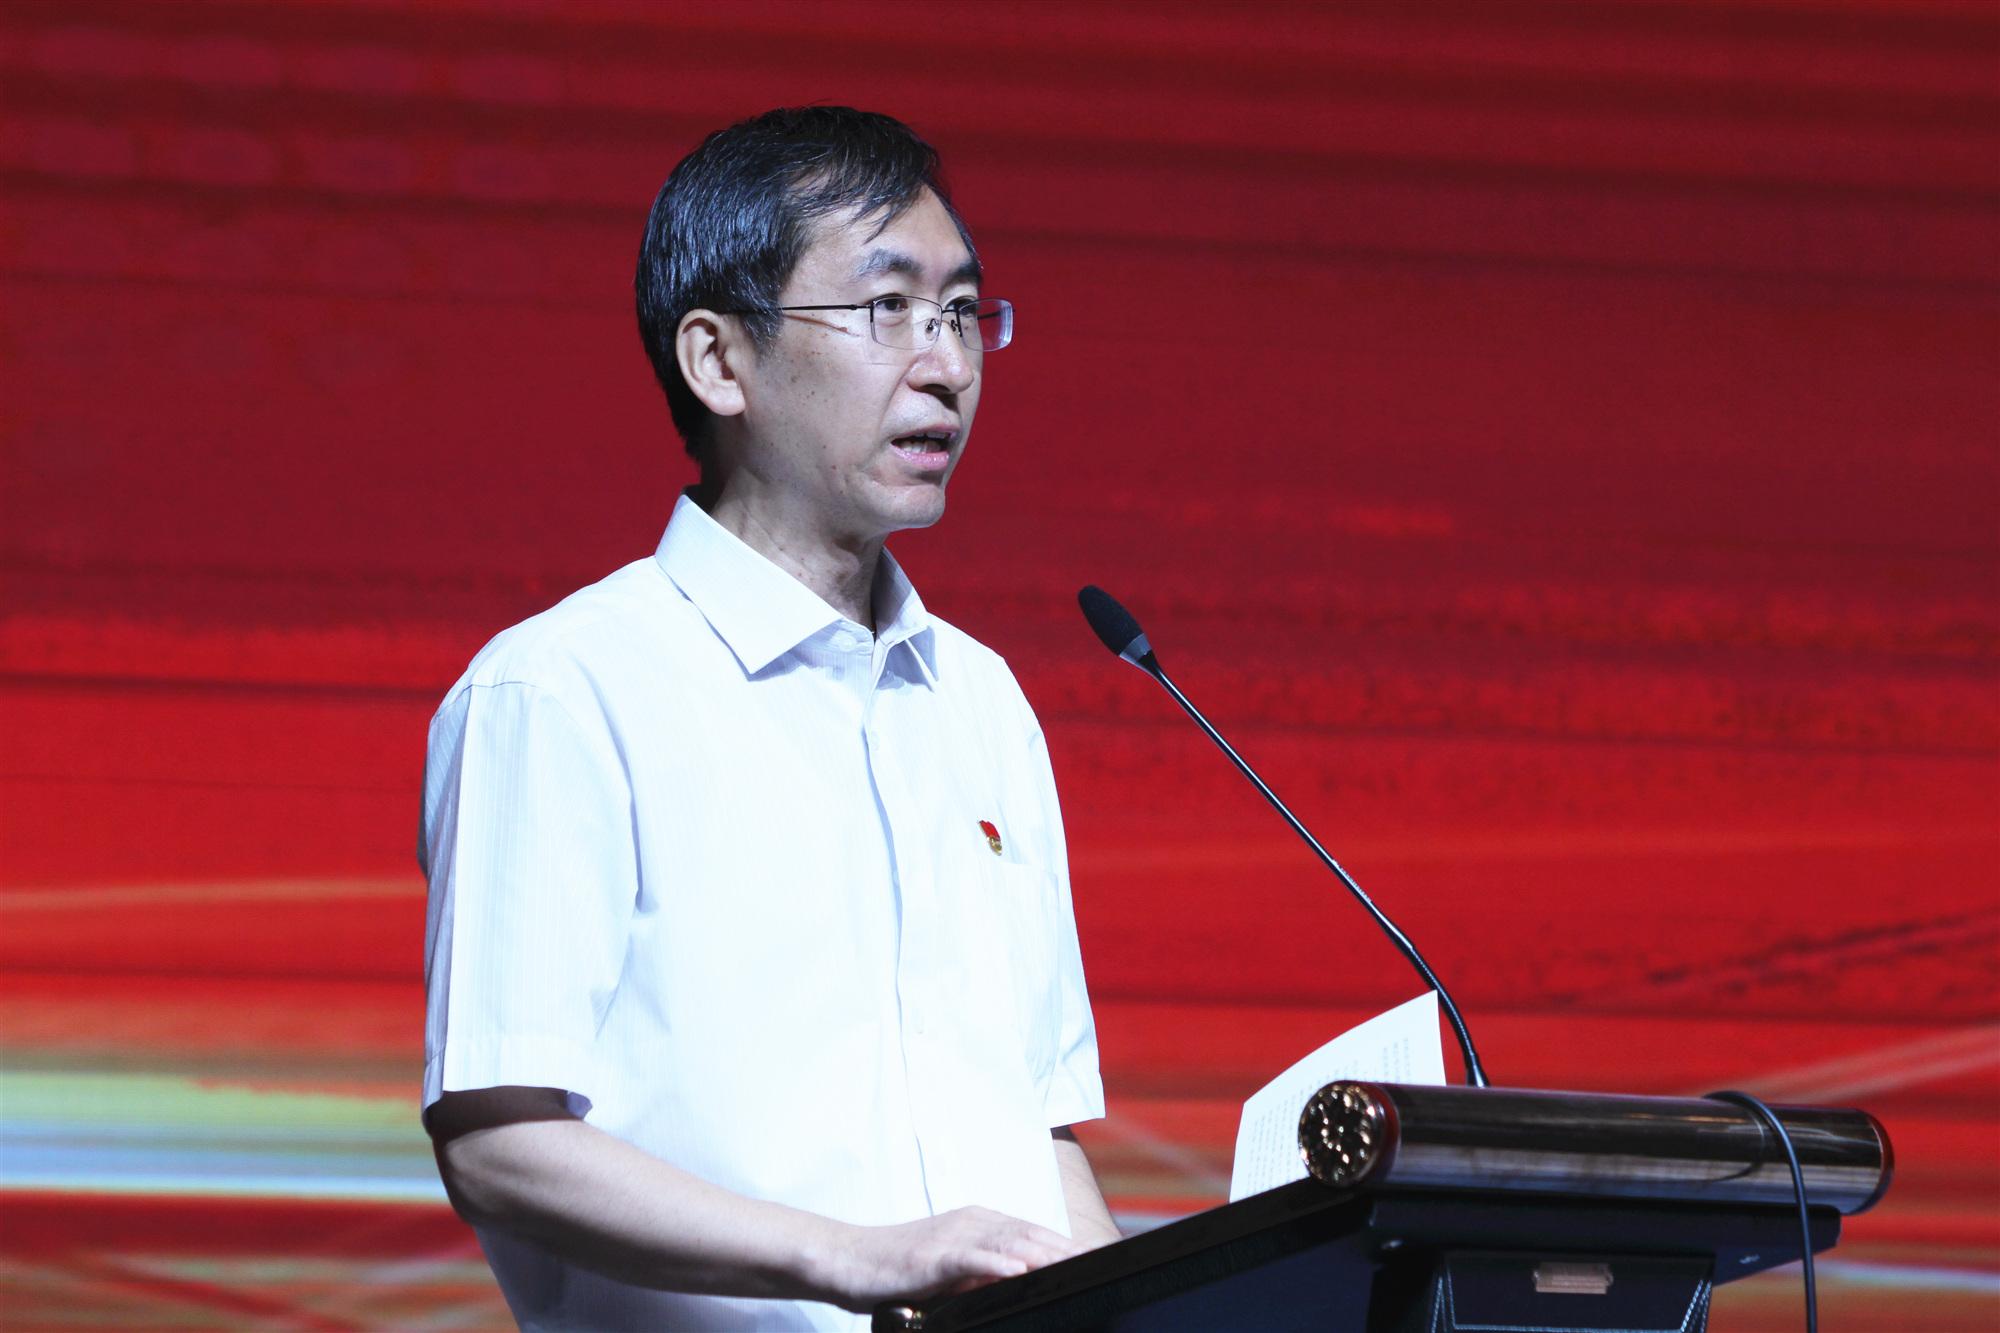 王家忠:农机化发展稳中向好,整体呈现加快转型升级态势